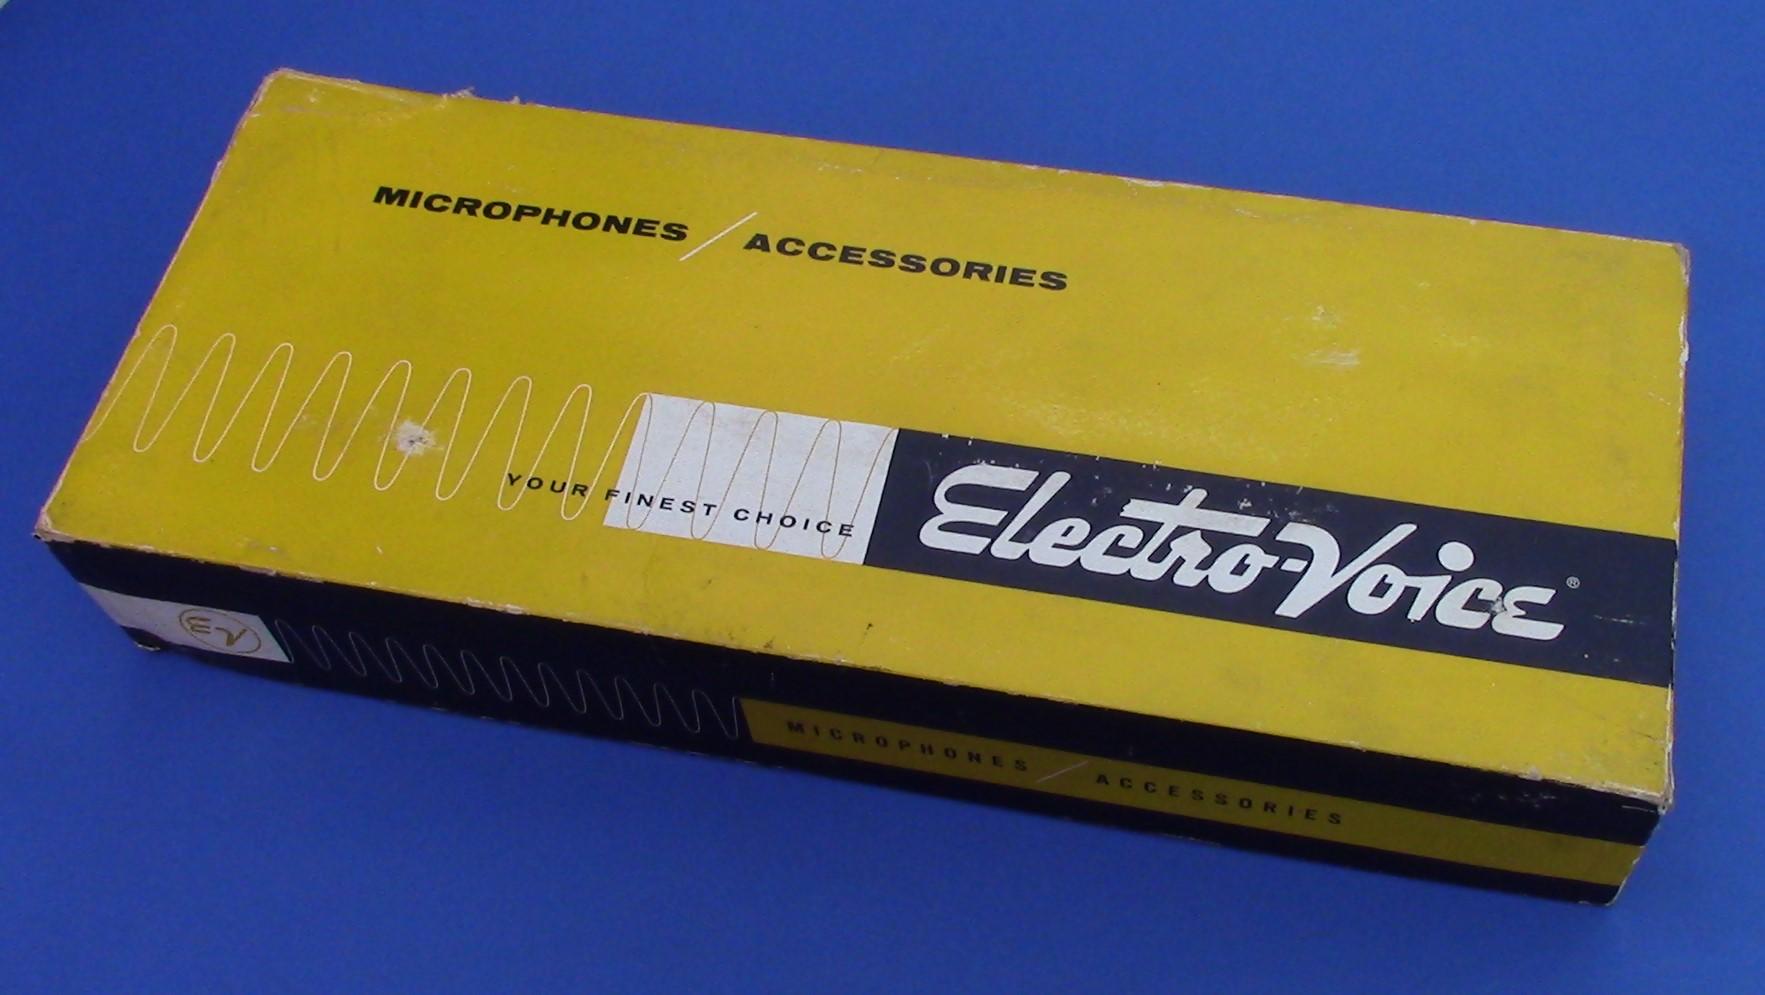 ev644-original-box